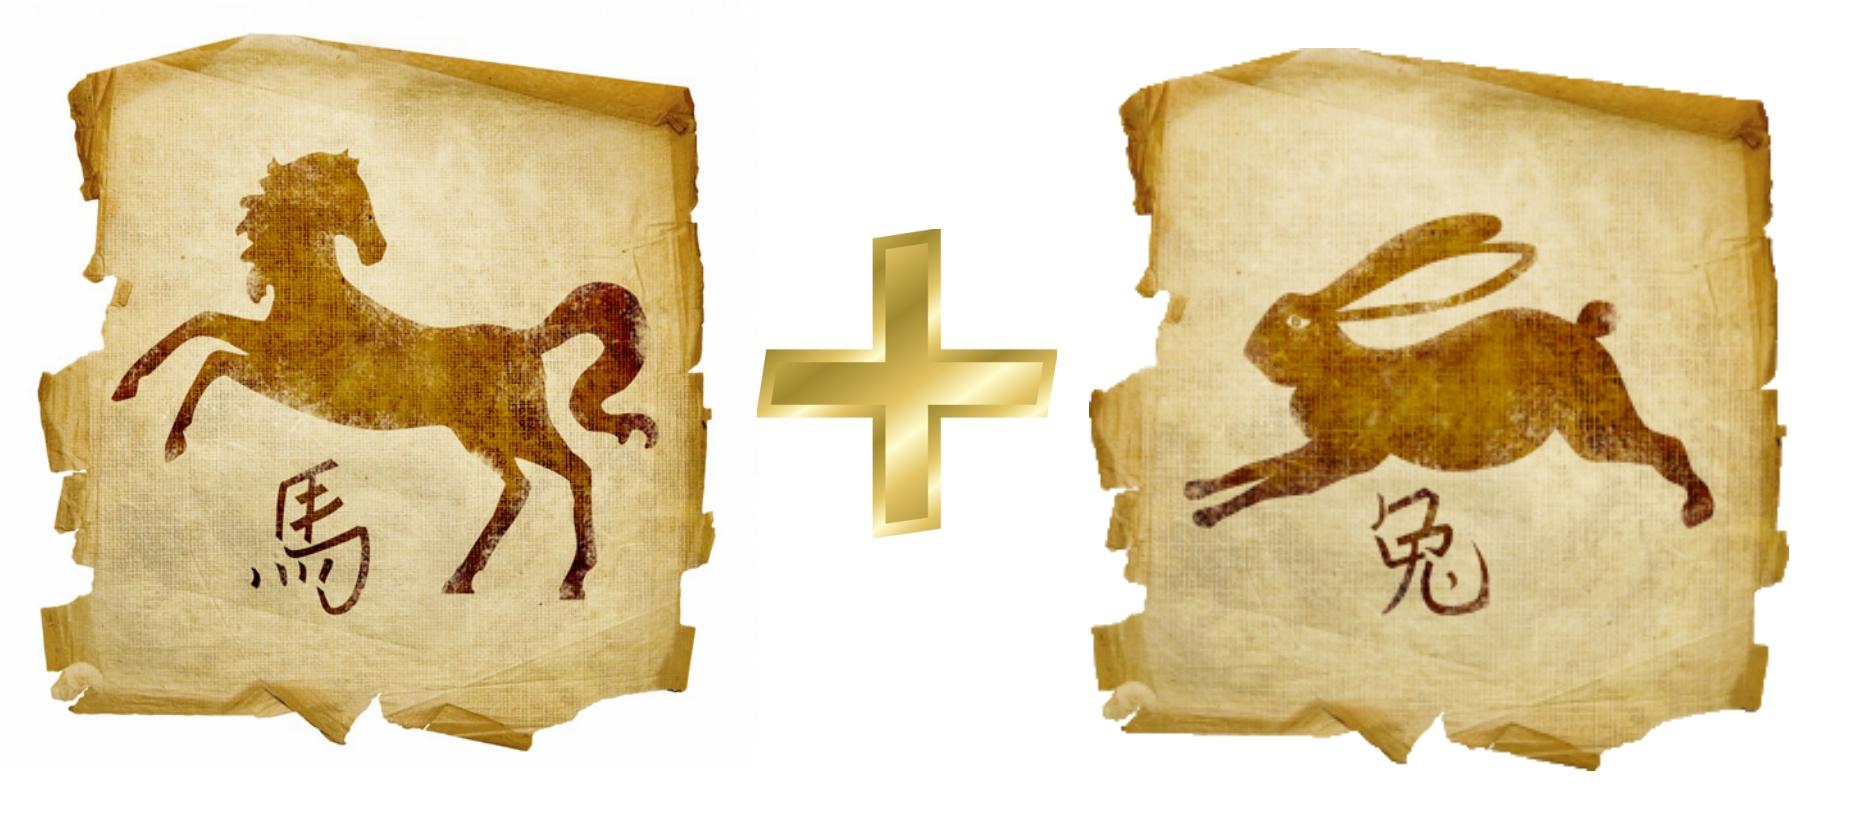 Лошадь и Кролик (Заяц, Кот): гороскоп совместимости в любви